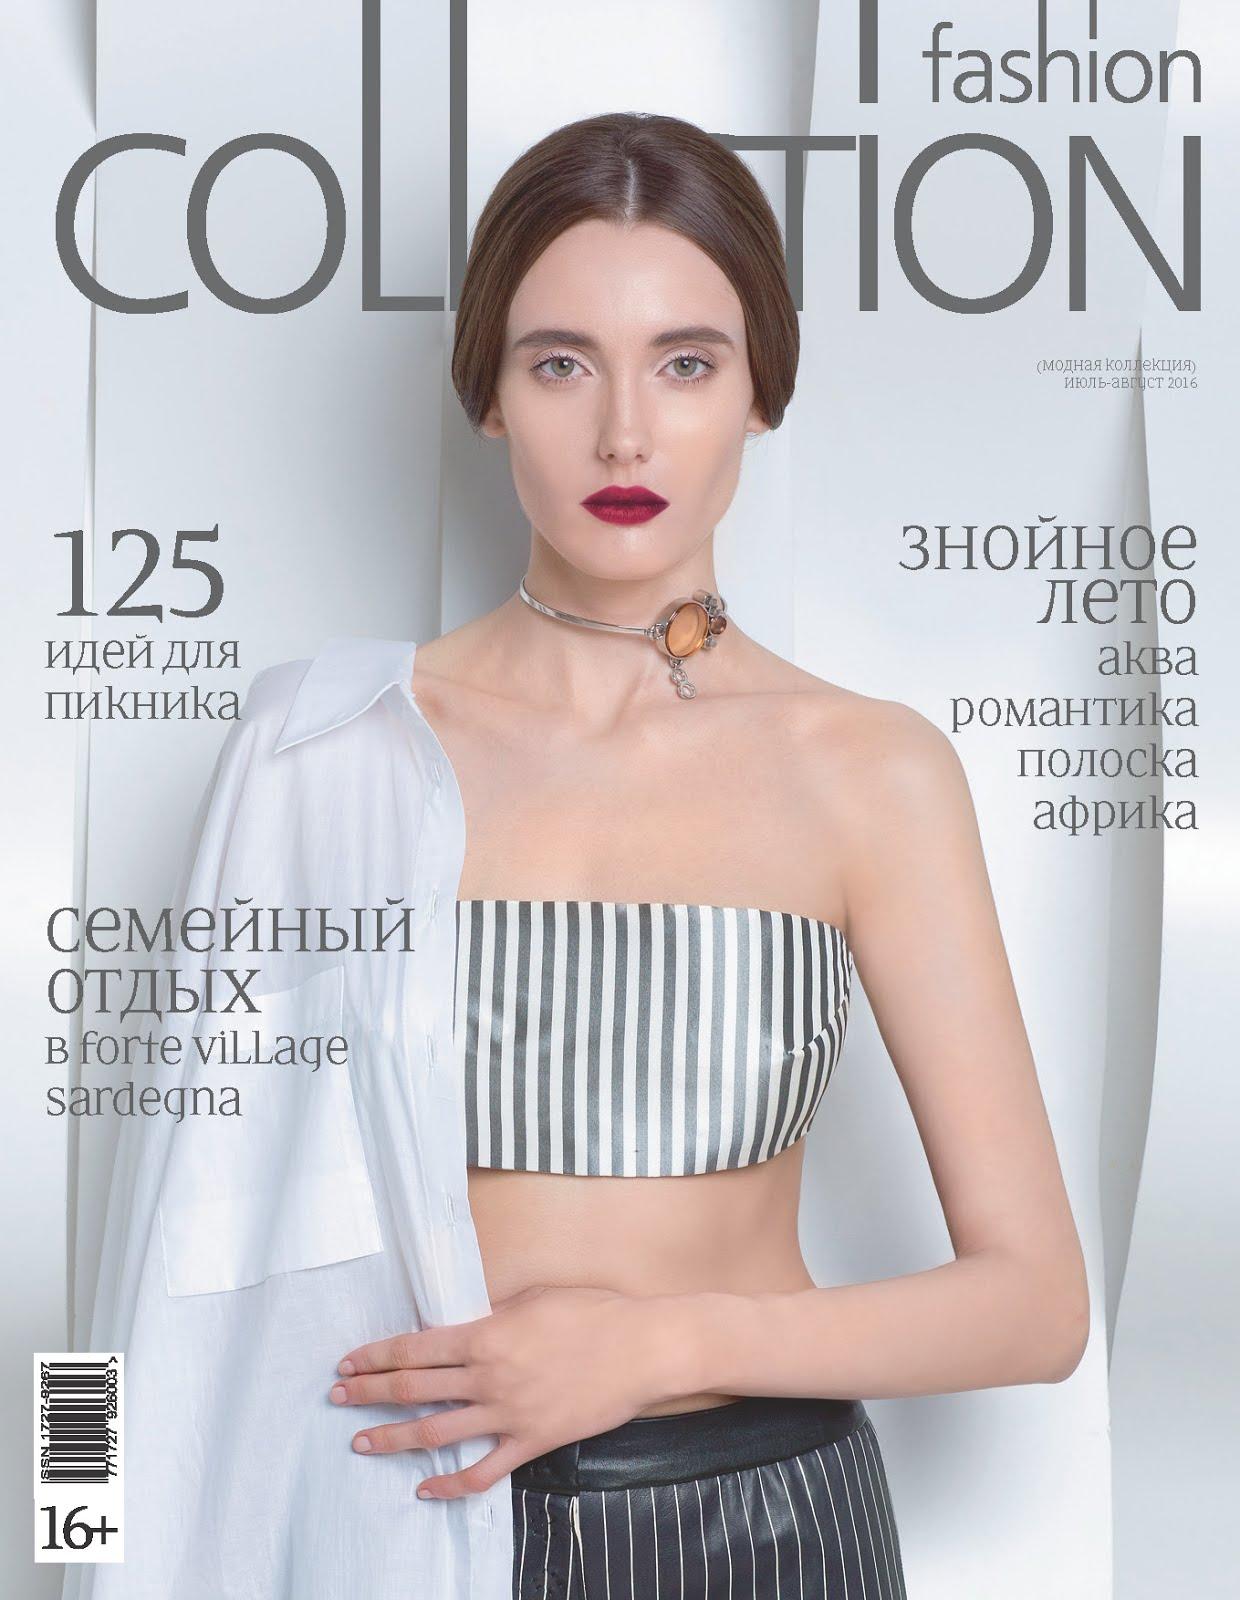 глянцевый журнал о моде, шоу рум РЕД